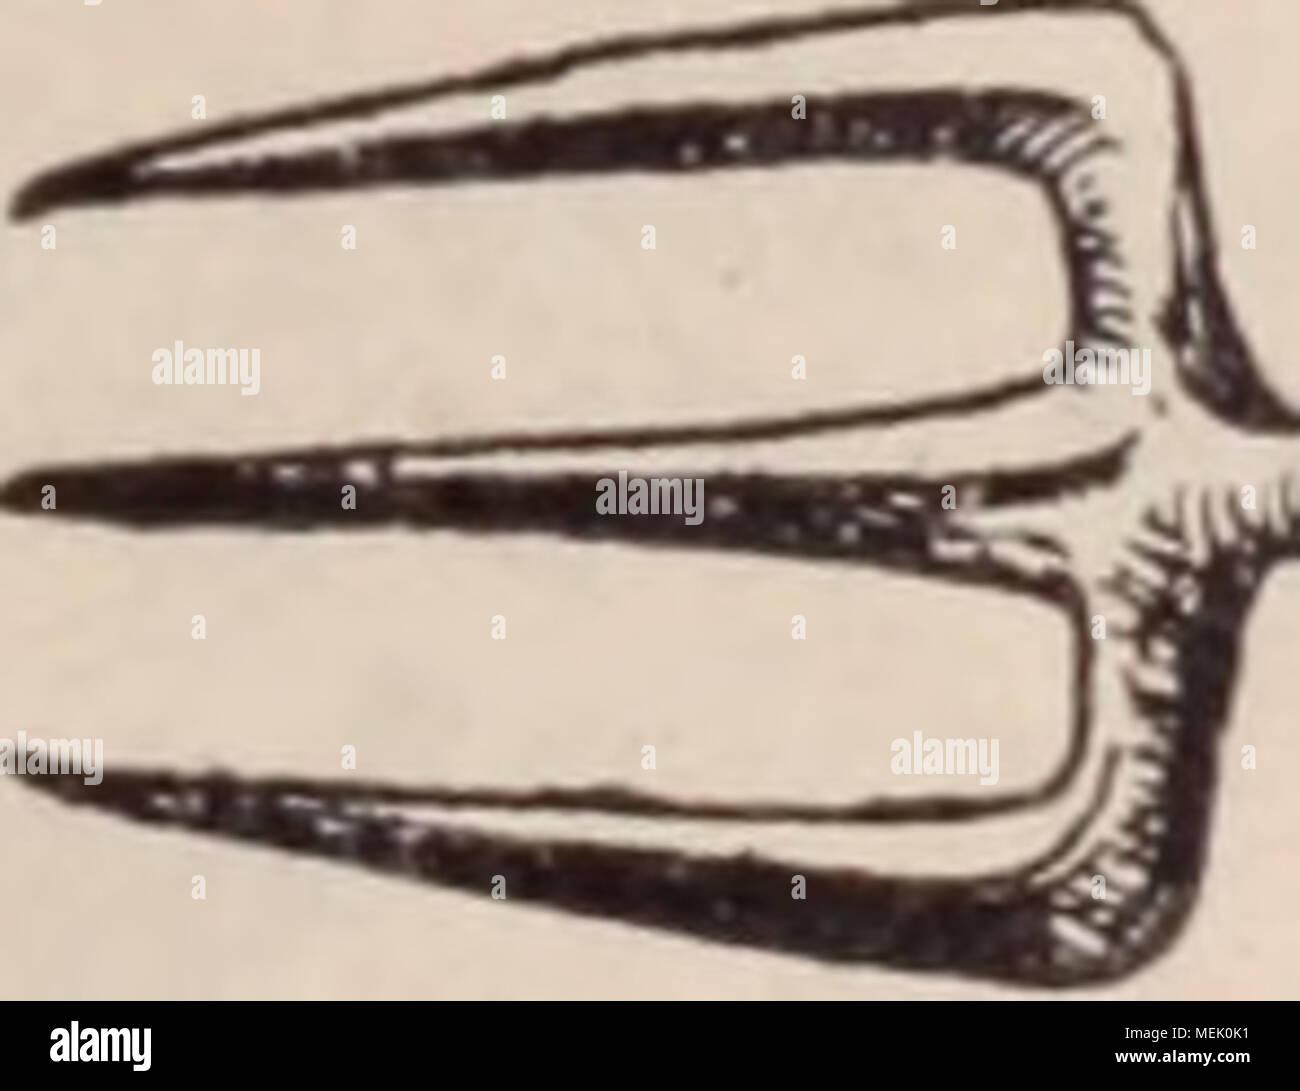 . Dictionnaire d'horticulture illustré / par D. Bois  préface de Maxime Cornu  avec la collaboration de E. André ... [et al.]. . Fig. 910. 3739; Orcii. alb. t. 349. â Sép. et pét. spirales, brun clair, bordés de vert; labelle blanc, taché de lie de vin. â Mexique. Les T. réussissent près du verre, en paniers suspendus, à la lumière, sans trop de soleil, et avec un compost bien drainé de sphagnum et terre fibreuse. Il faut les planter un peu au des- sous des bords du pot, pour que les grappes pen- dantes ne se perdent pas dans le sol. Ach. F. Trichopteris. Voir Alsophila. TRICHOSMA L Stock Photo